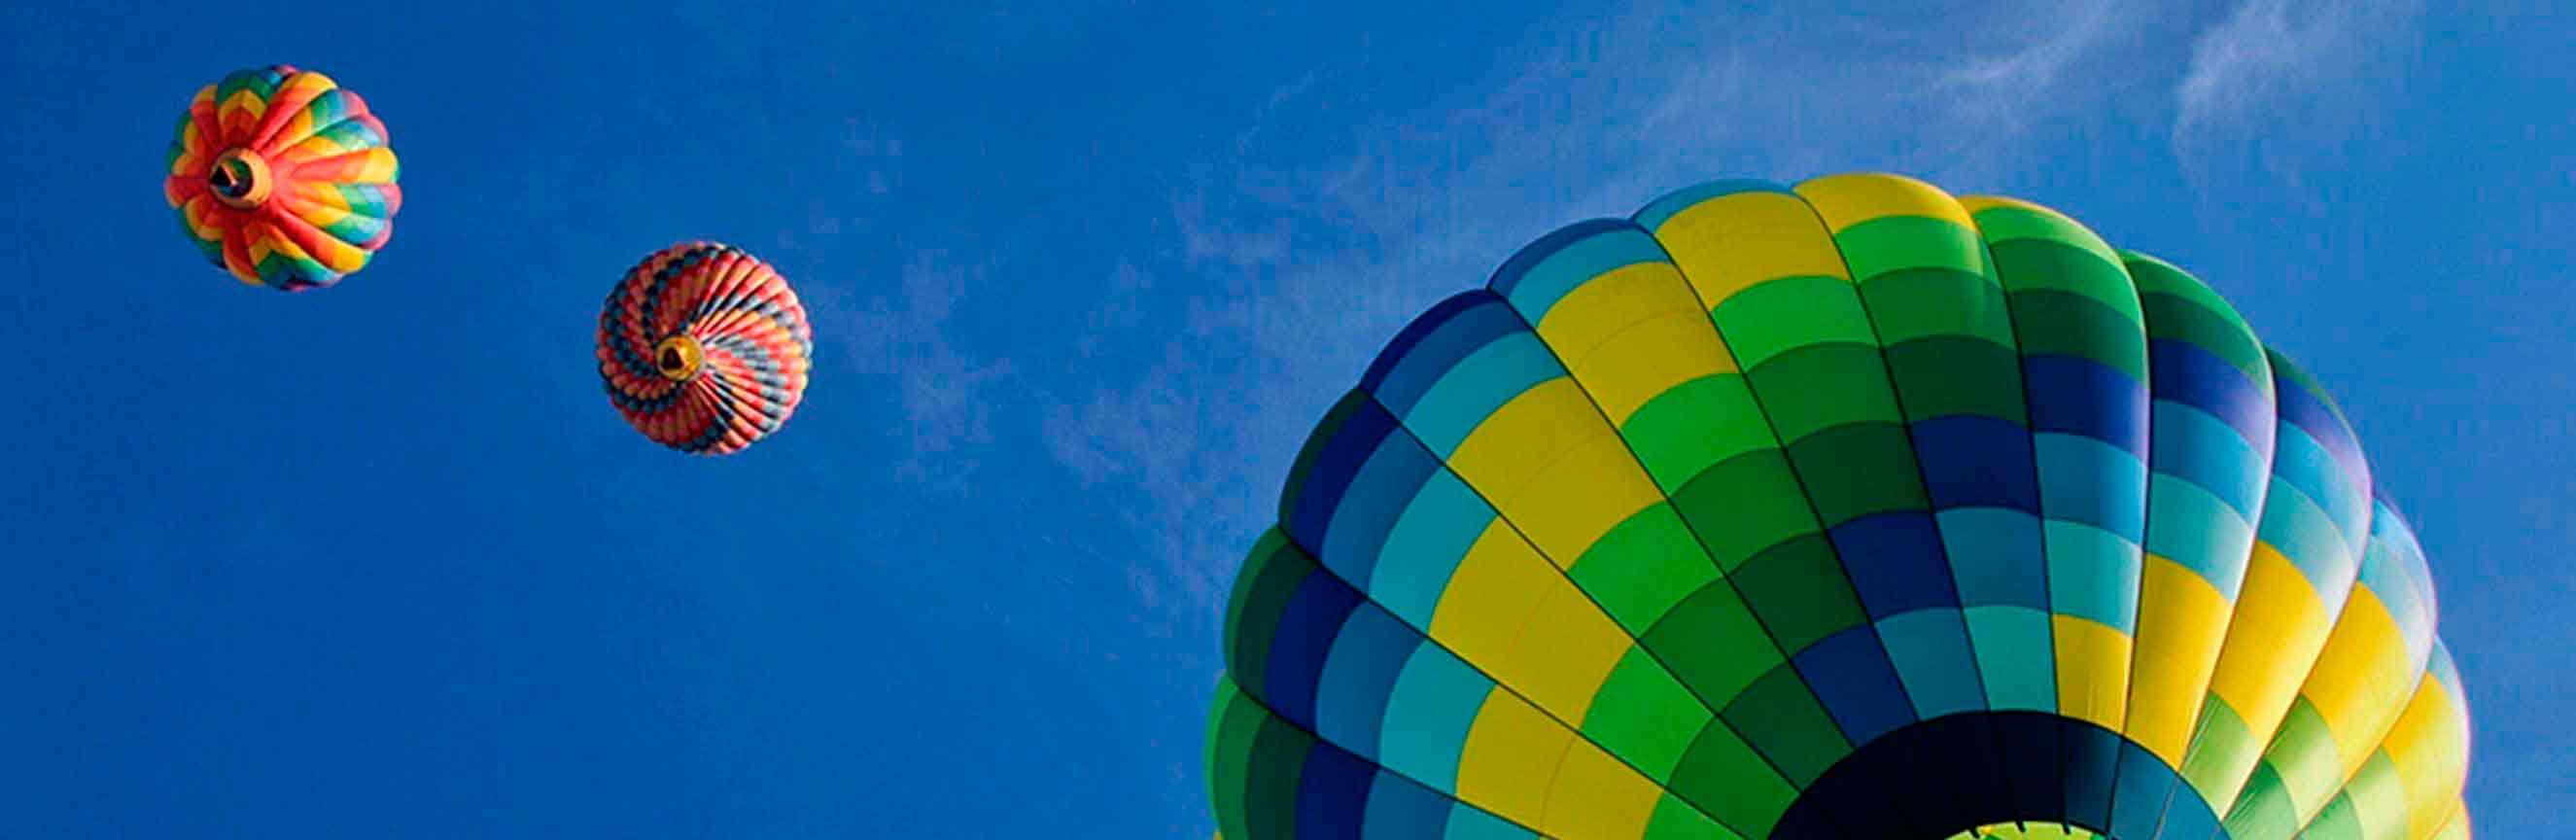 : preguntas sobre regata de globos aerostáticos